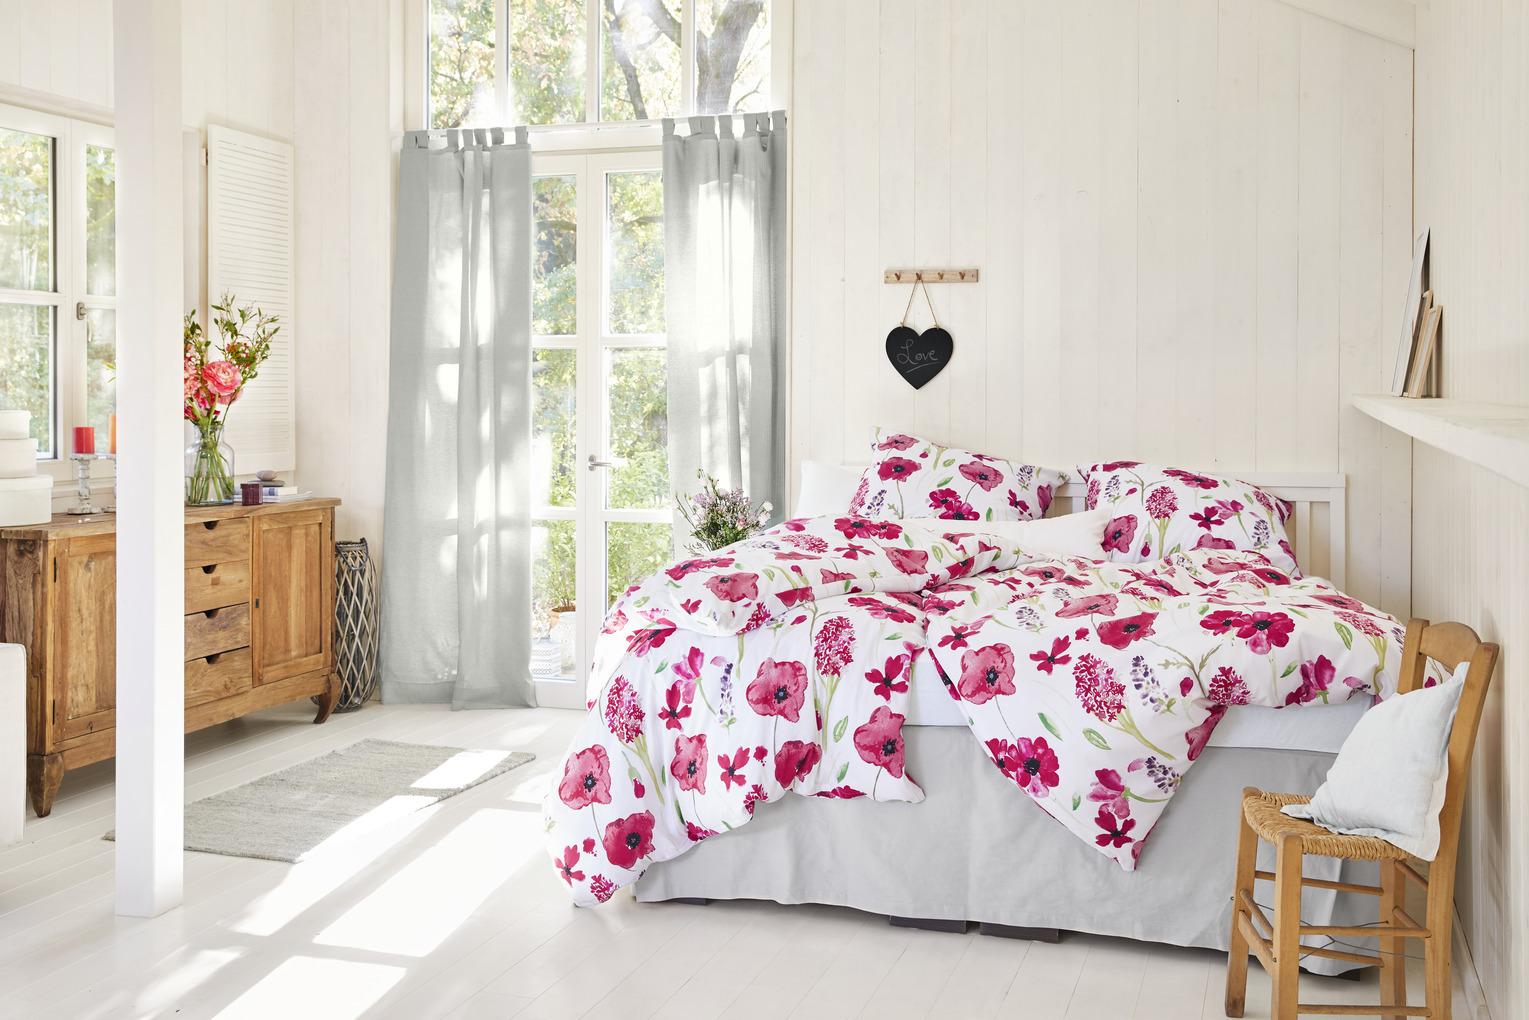 Wiosenna Aranżacja Sypialni Co Zmienić By Wnętrze Zyskało